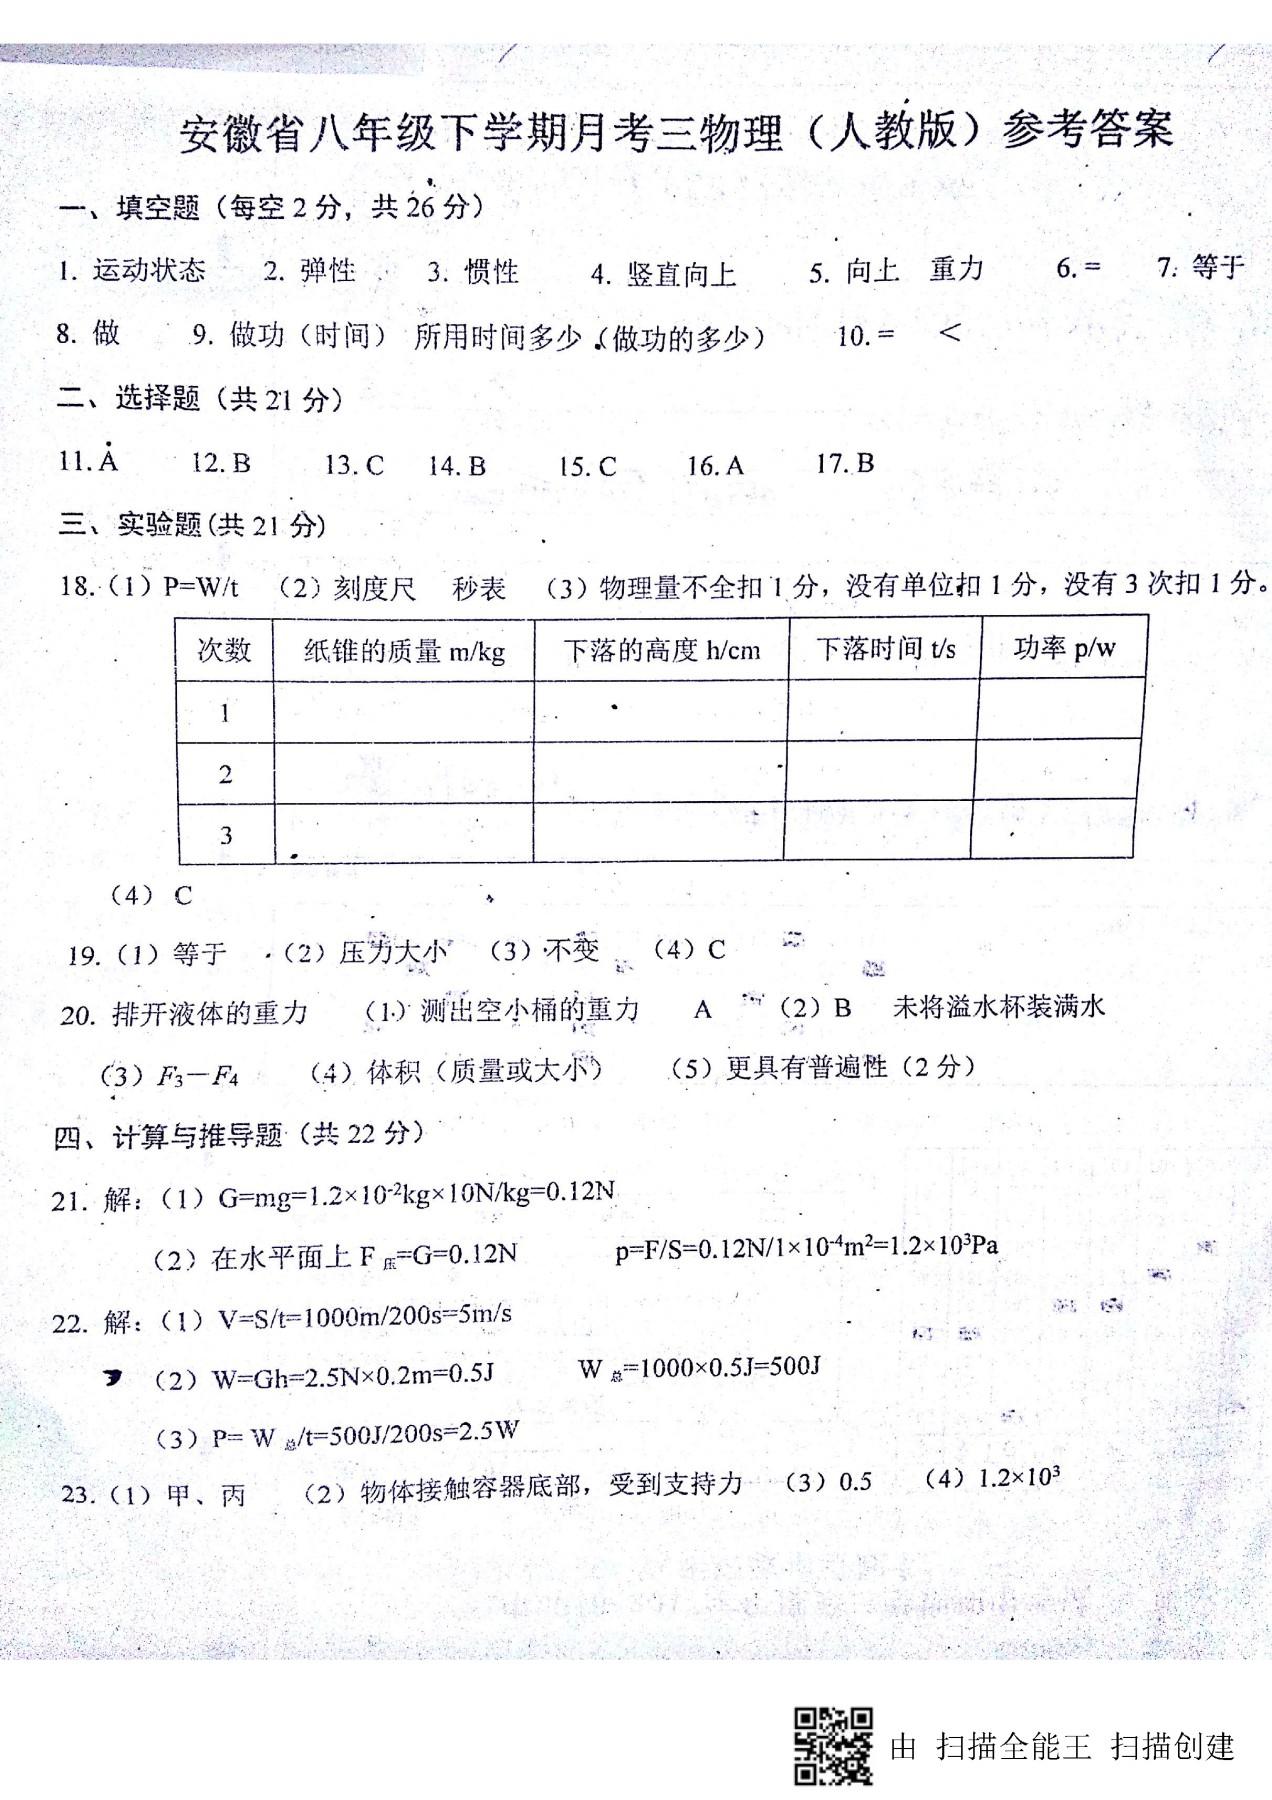 安徽蚌埠固镇第三中学2016-2017学年八年级下第三次月考物理试题答案(Word版)